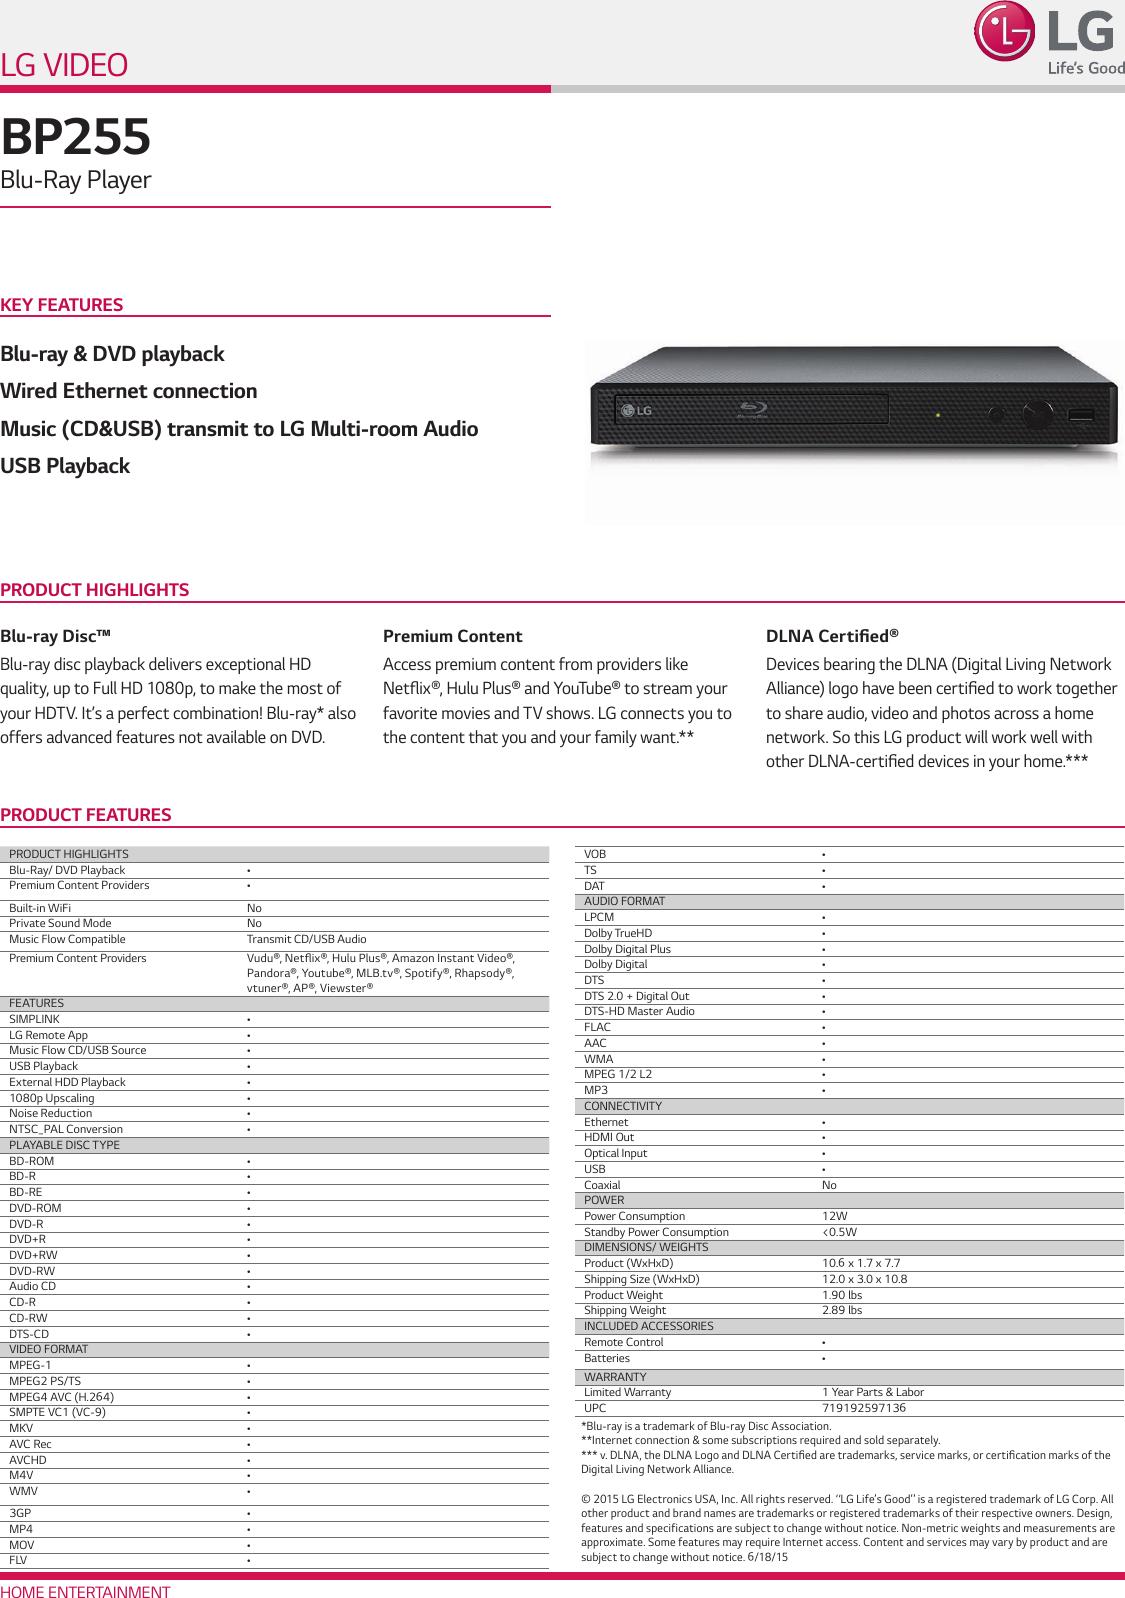 LG BP255 User Manual Specification Spec Sheet